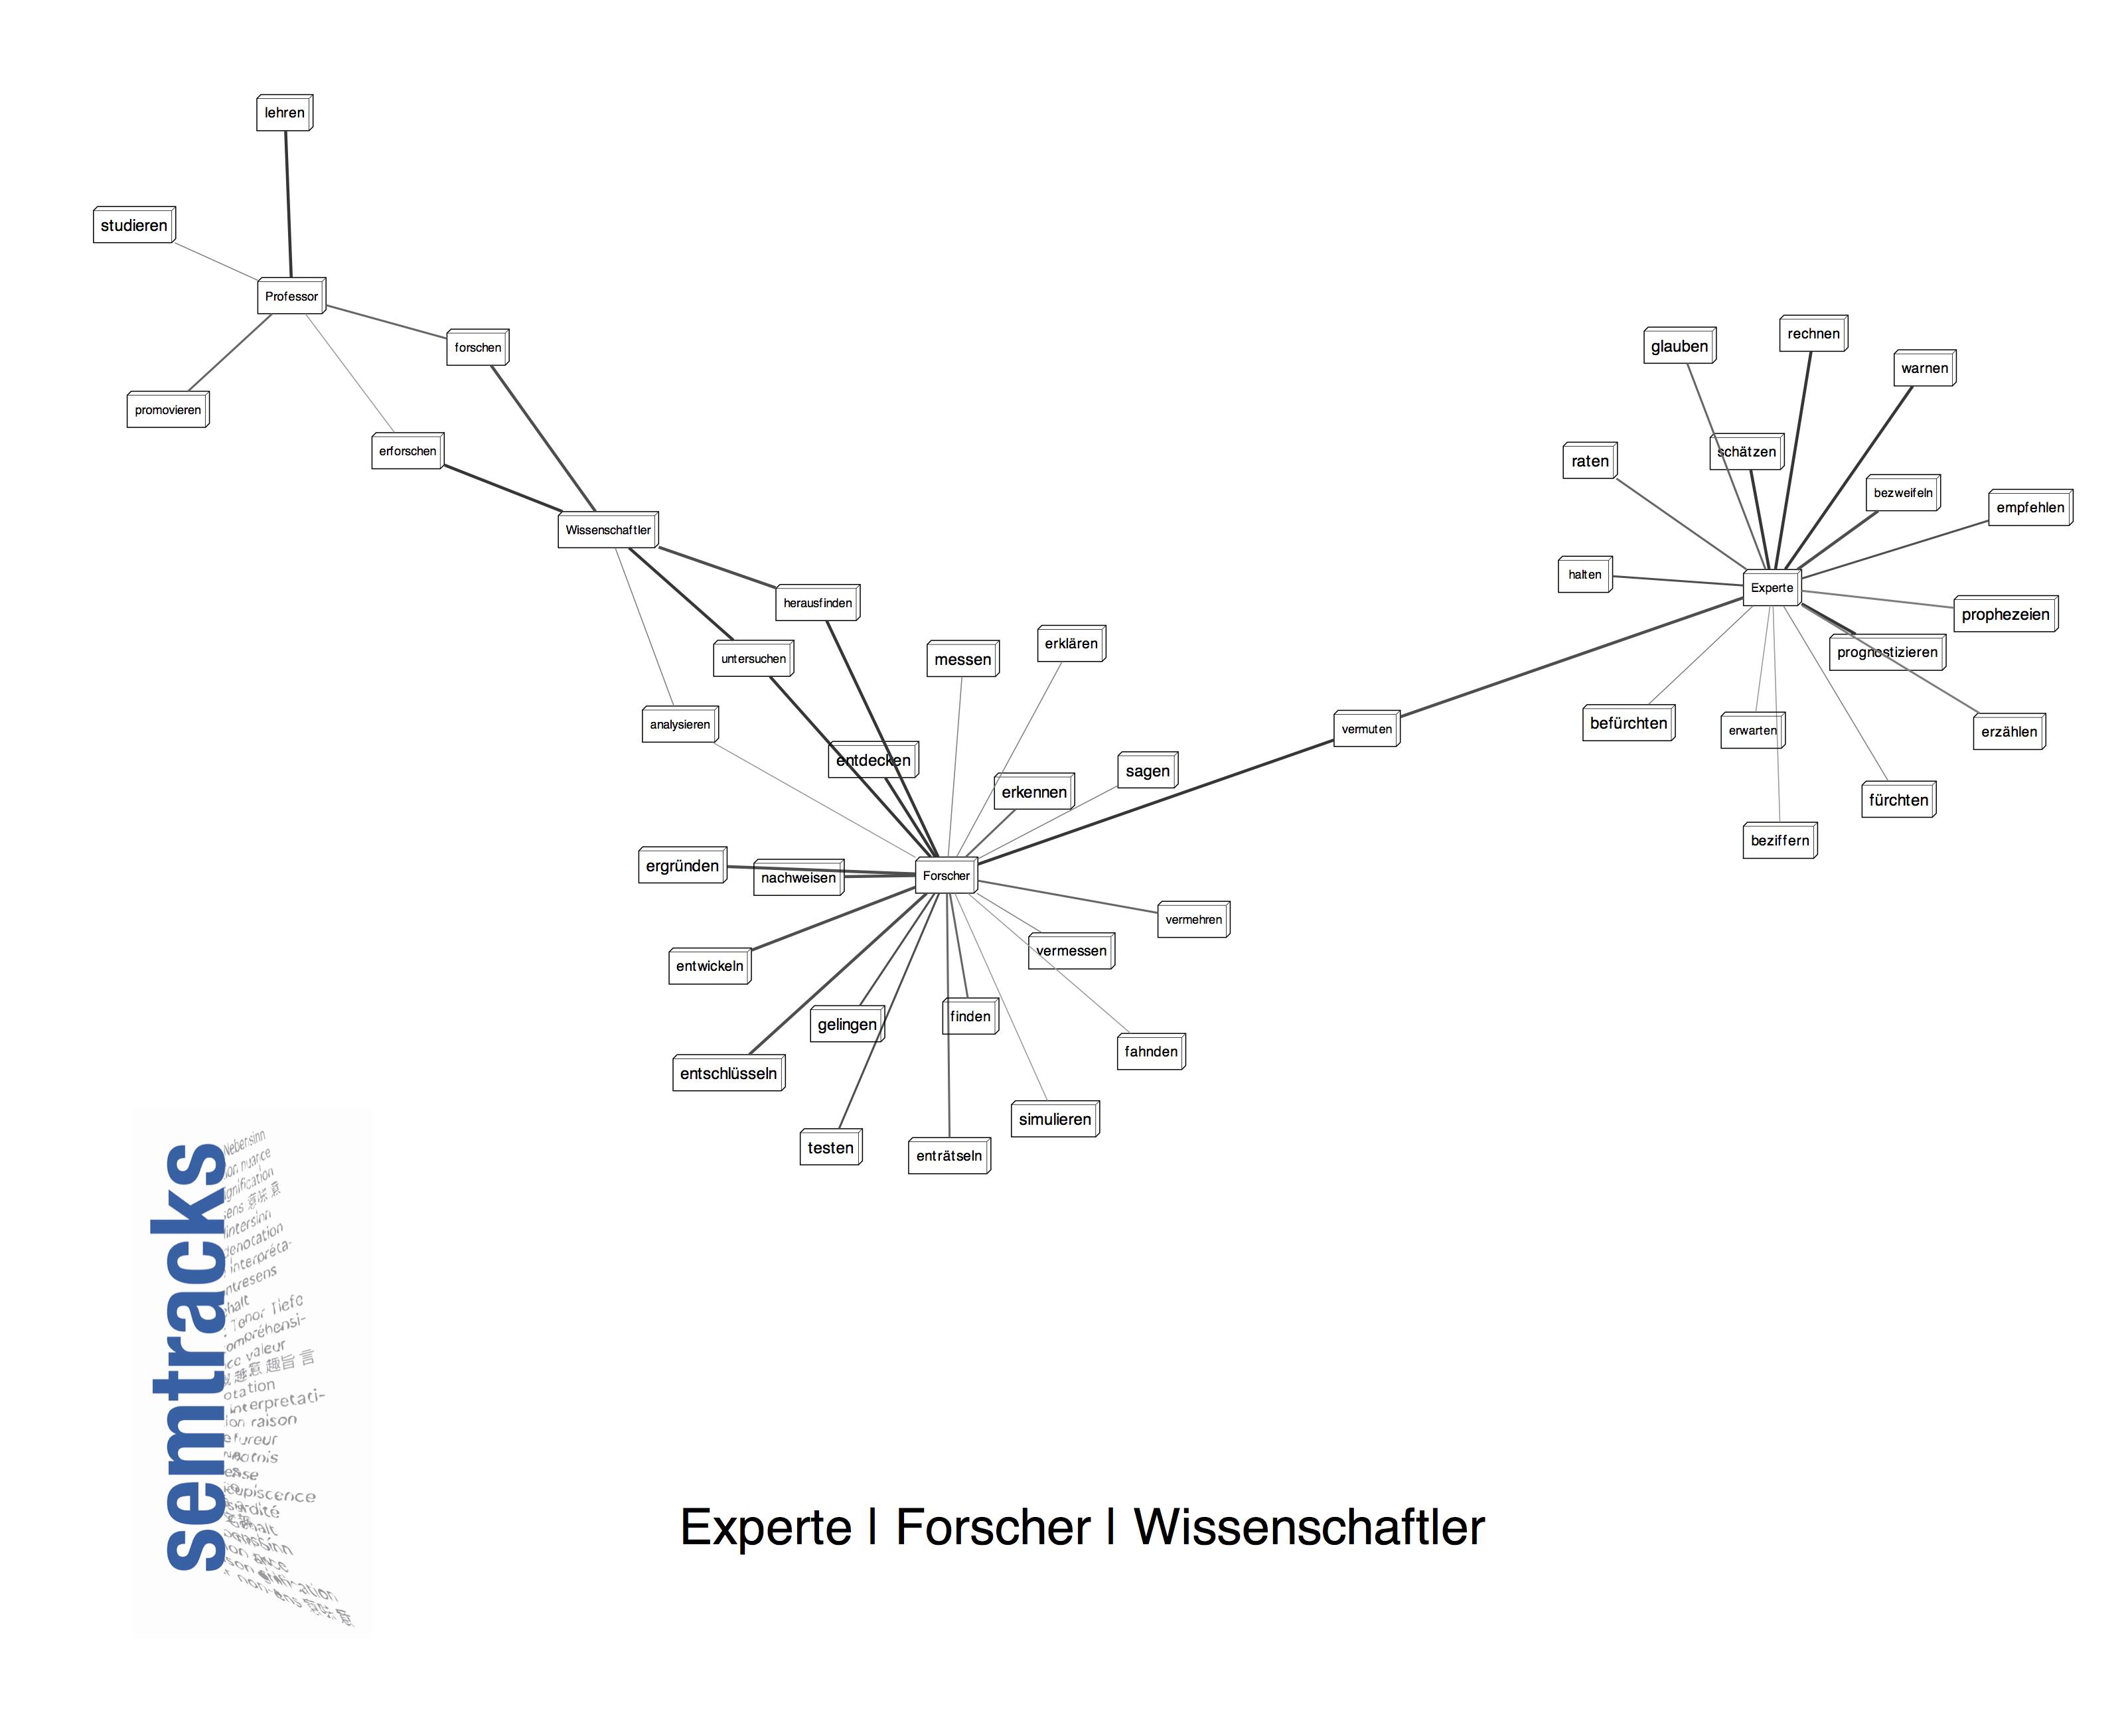 """Kollokationen zu den Lemmata """"Forscher"""", """"Experte"""", """"Wissenschaftler"""", """"Professor"""" im gedruckten SPIEGEL (2000-2010)"""